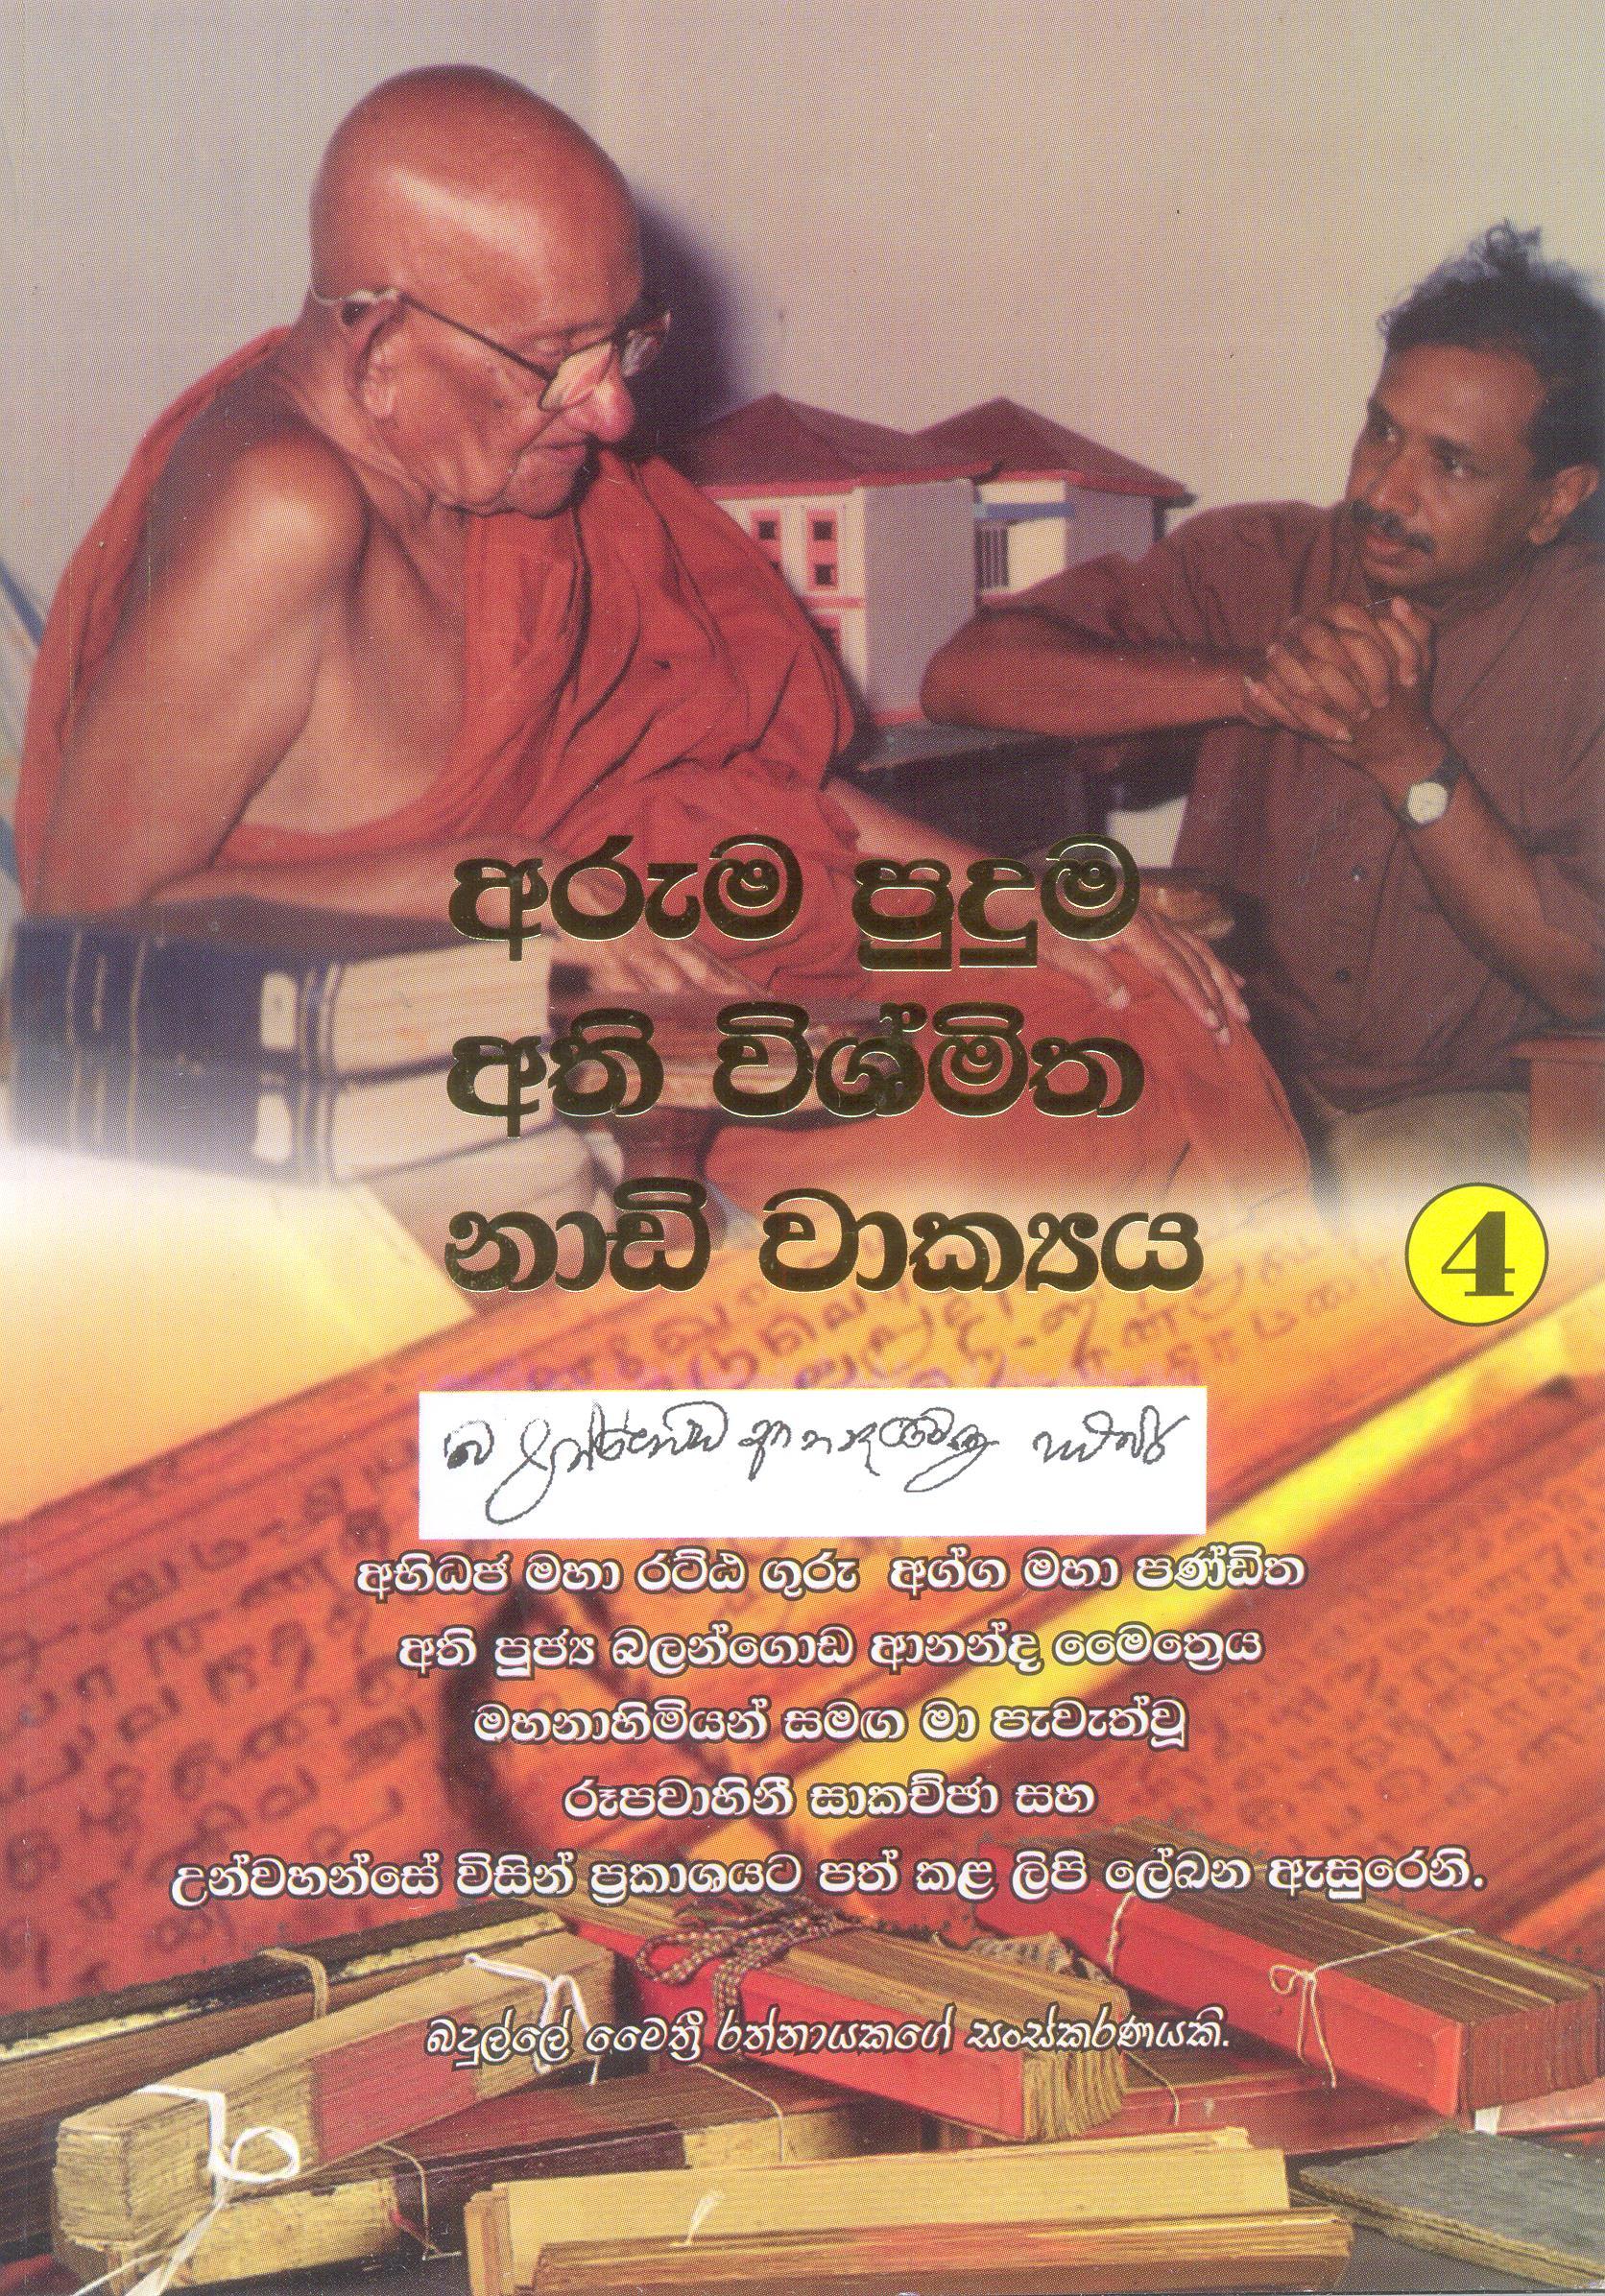 Aruma Puduma Athi Wishmitha Naadi Wakya 4